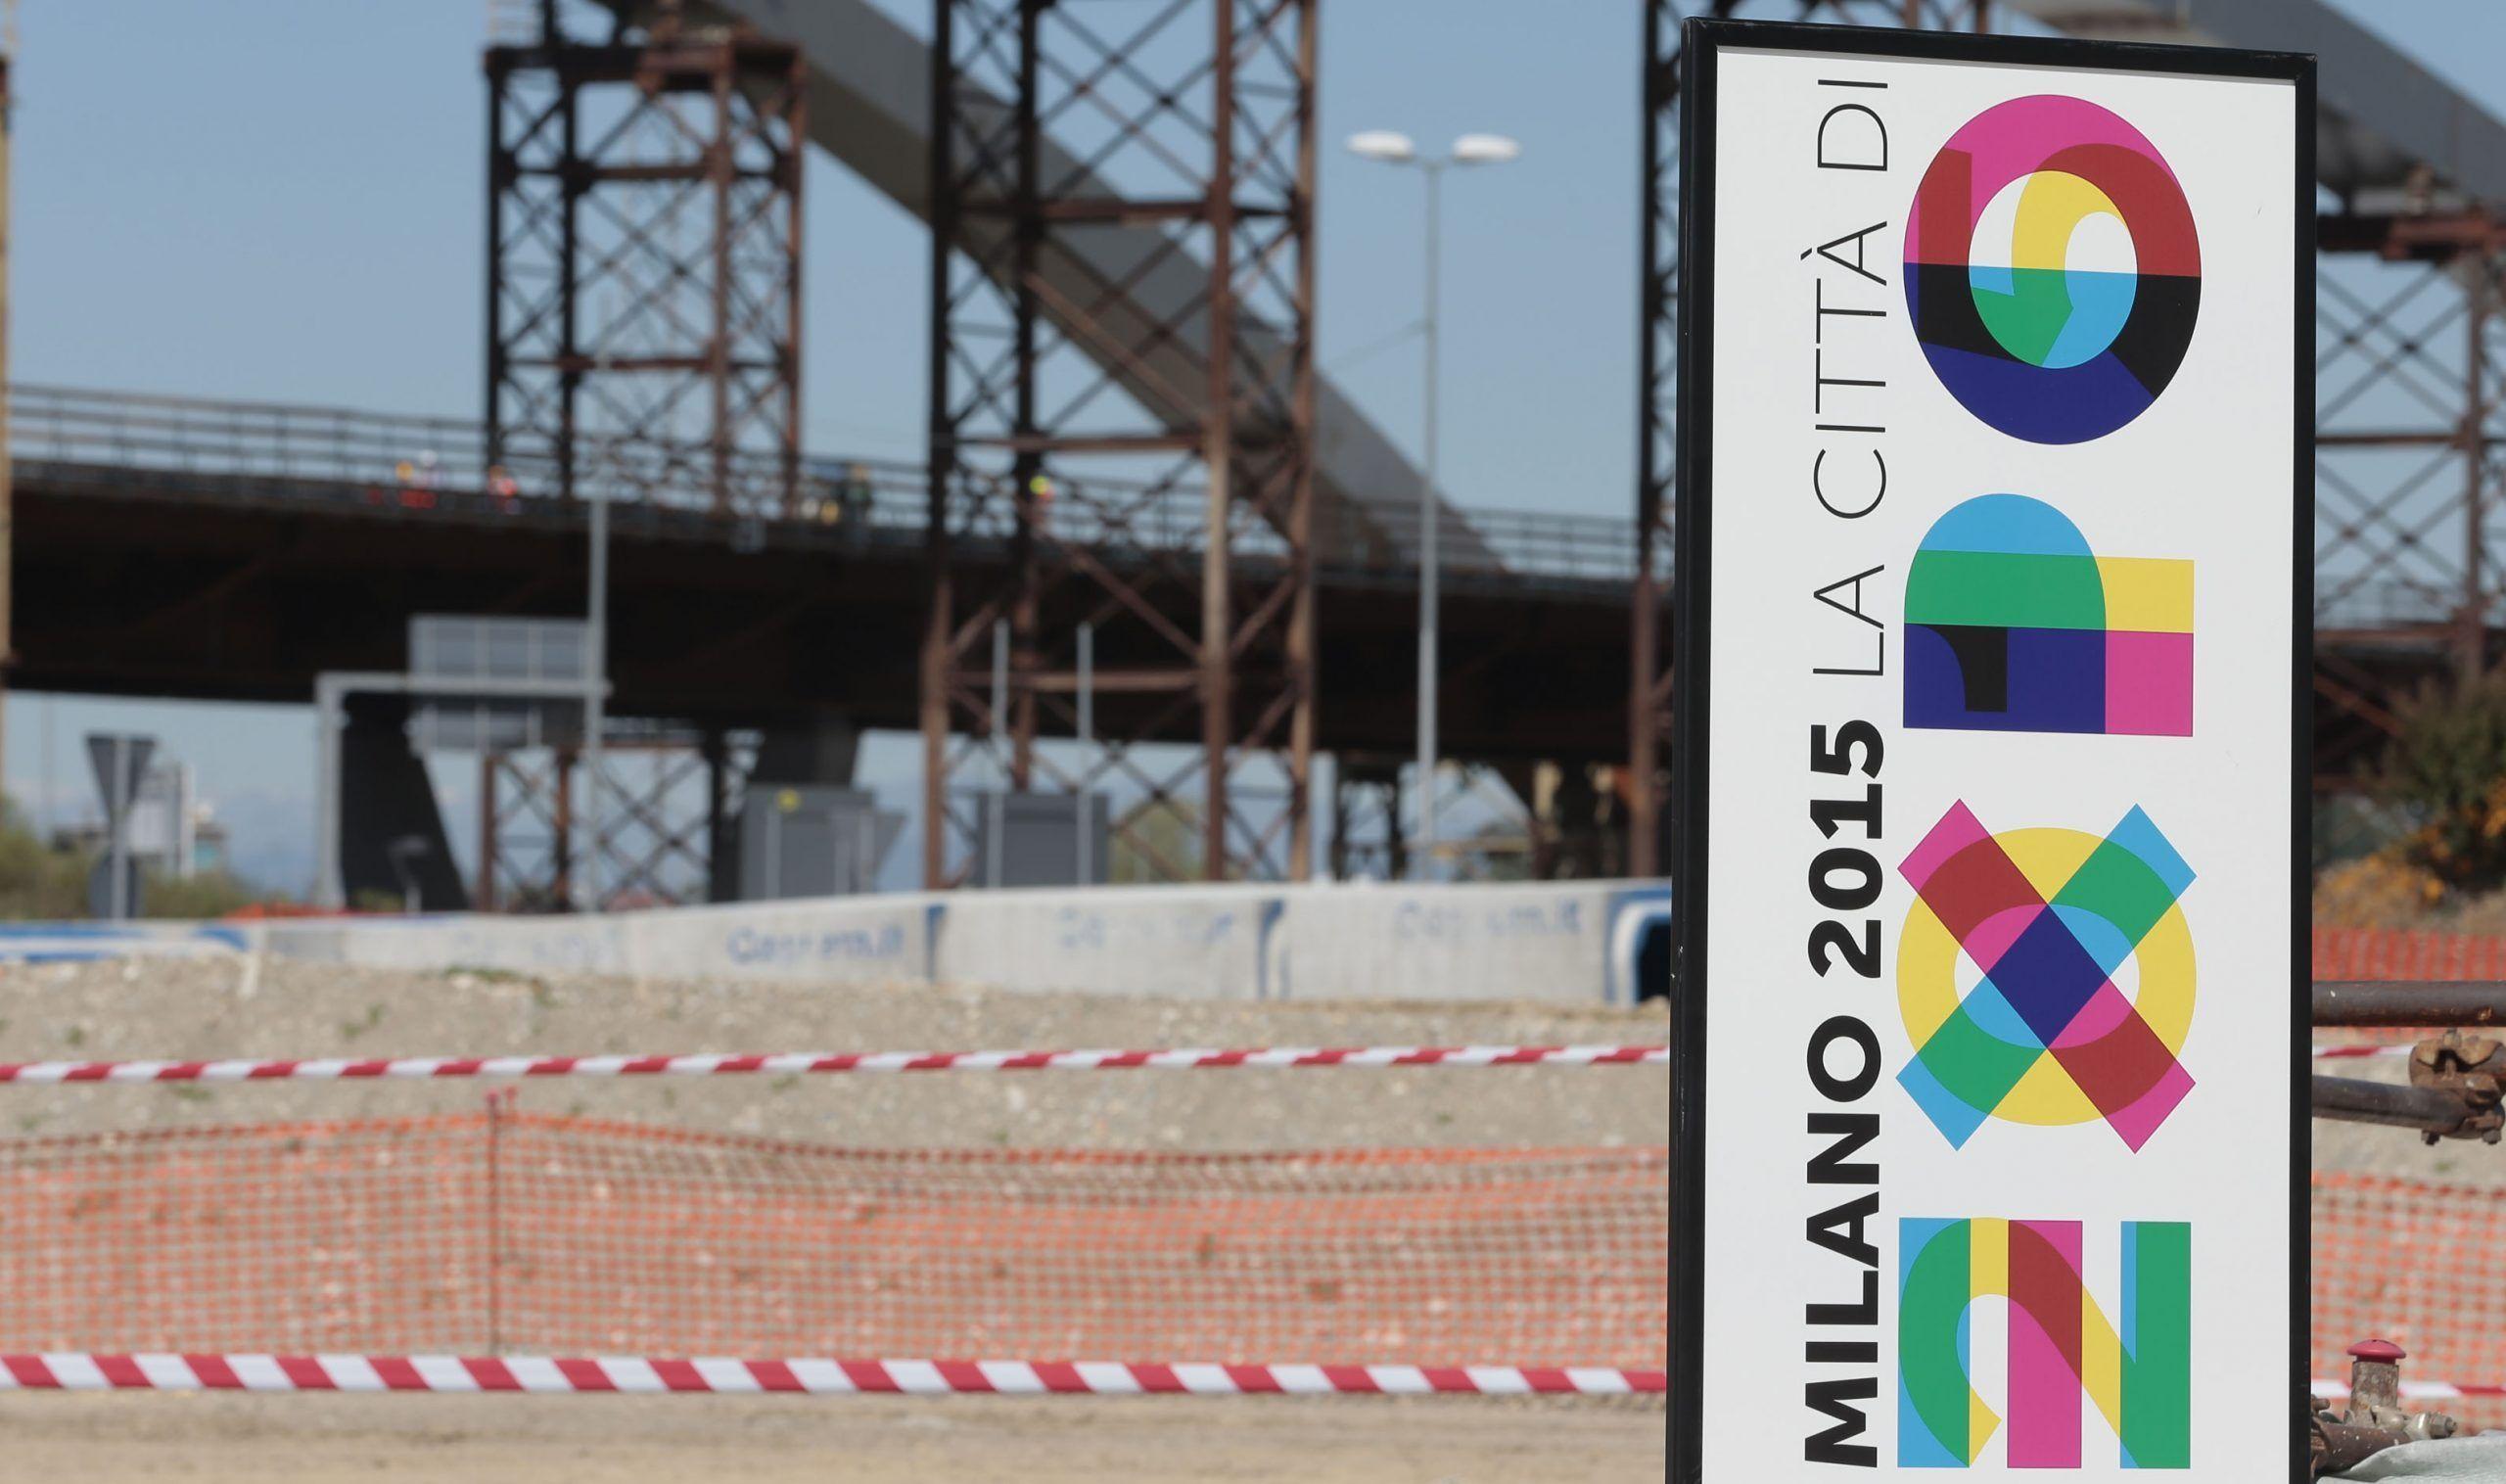 Sicurezza Expo 2015, Milano è abbastanza protetta e sicura?